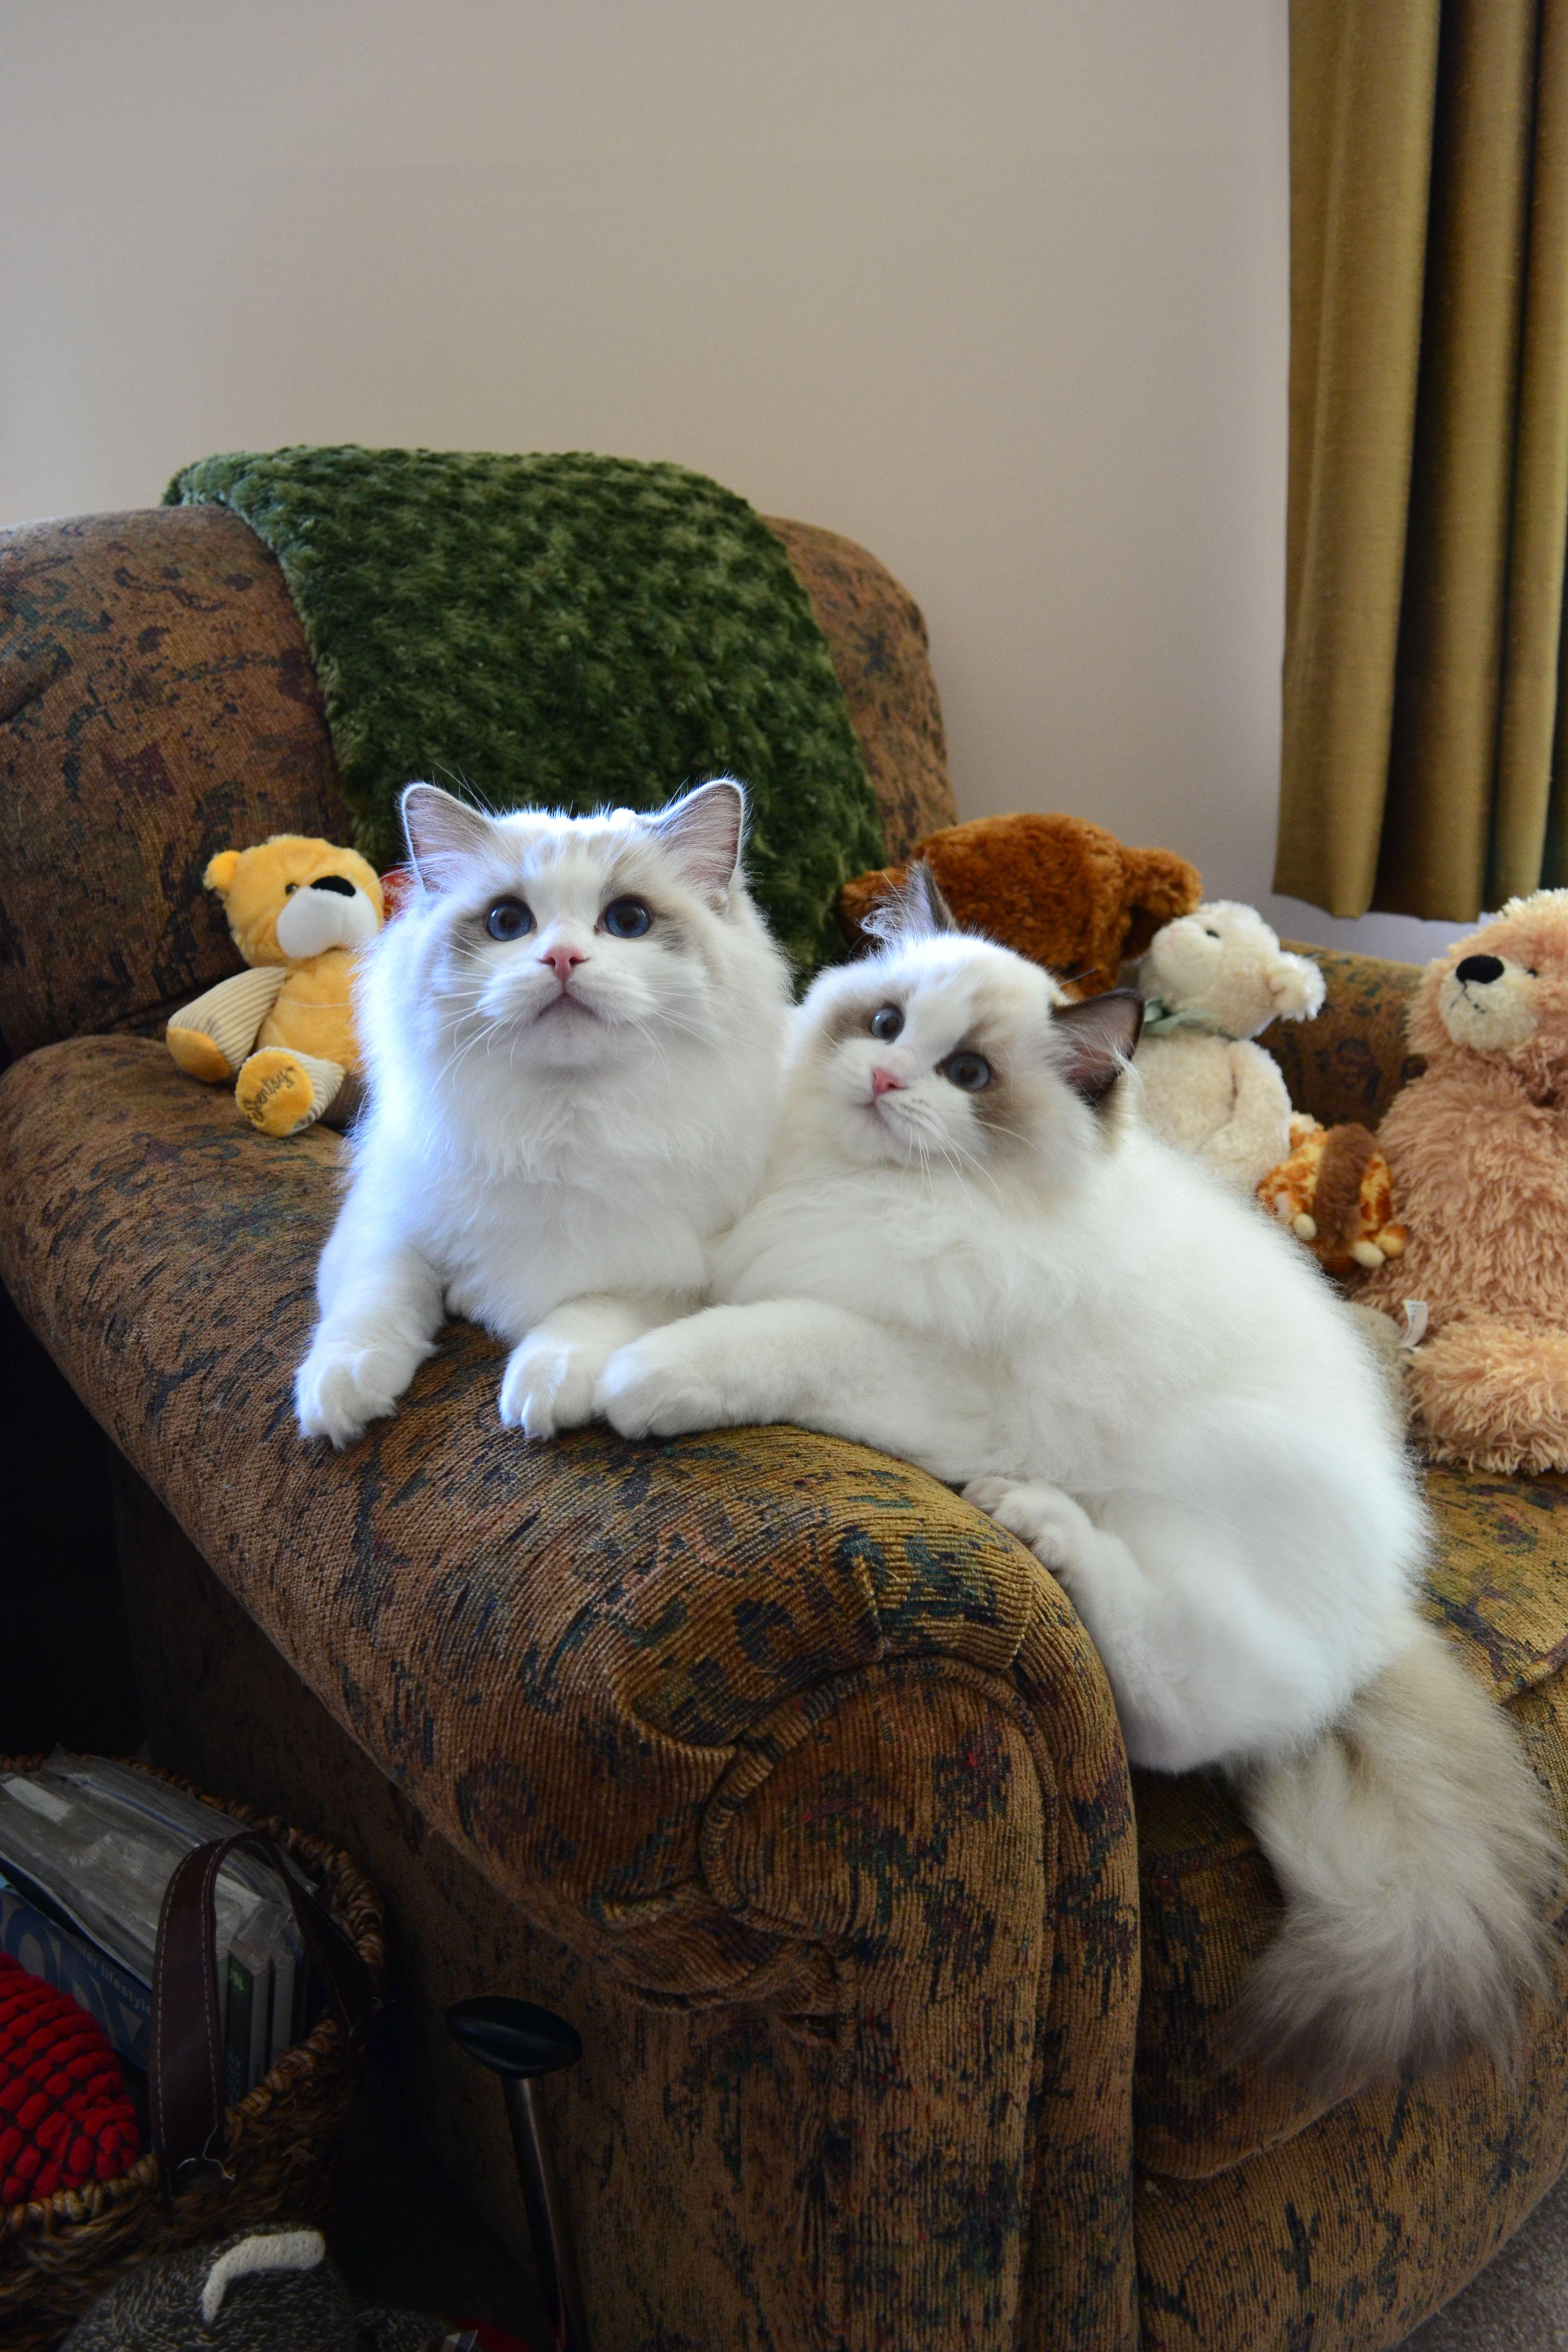 AWW!! So cute Ragdoll kittens